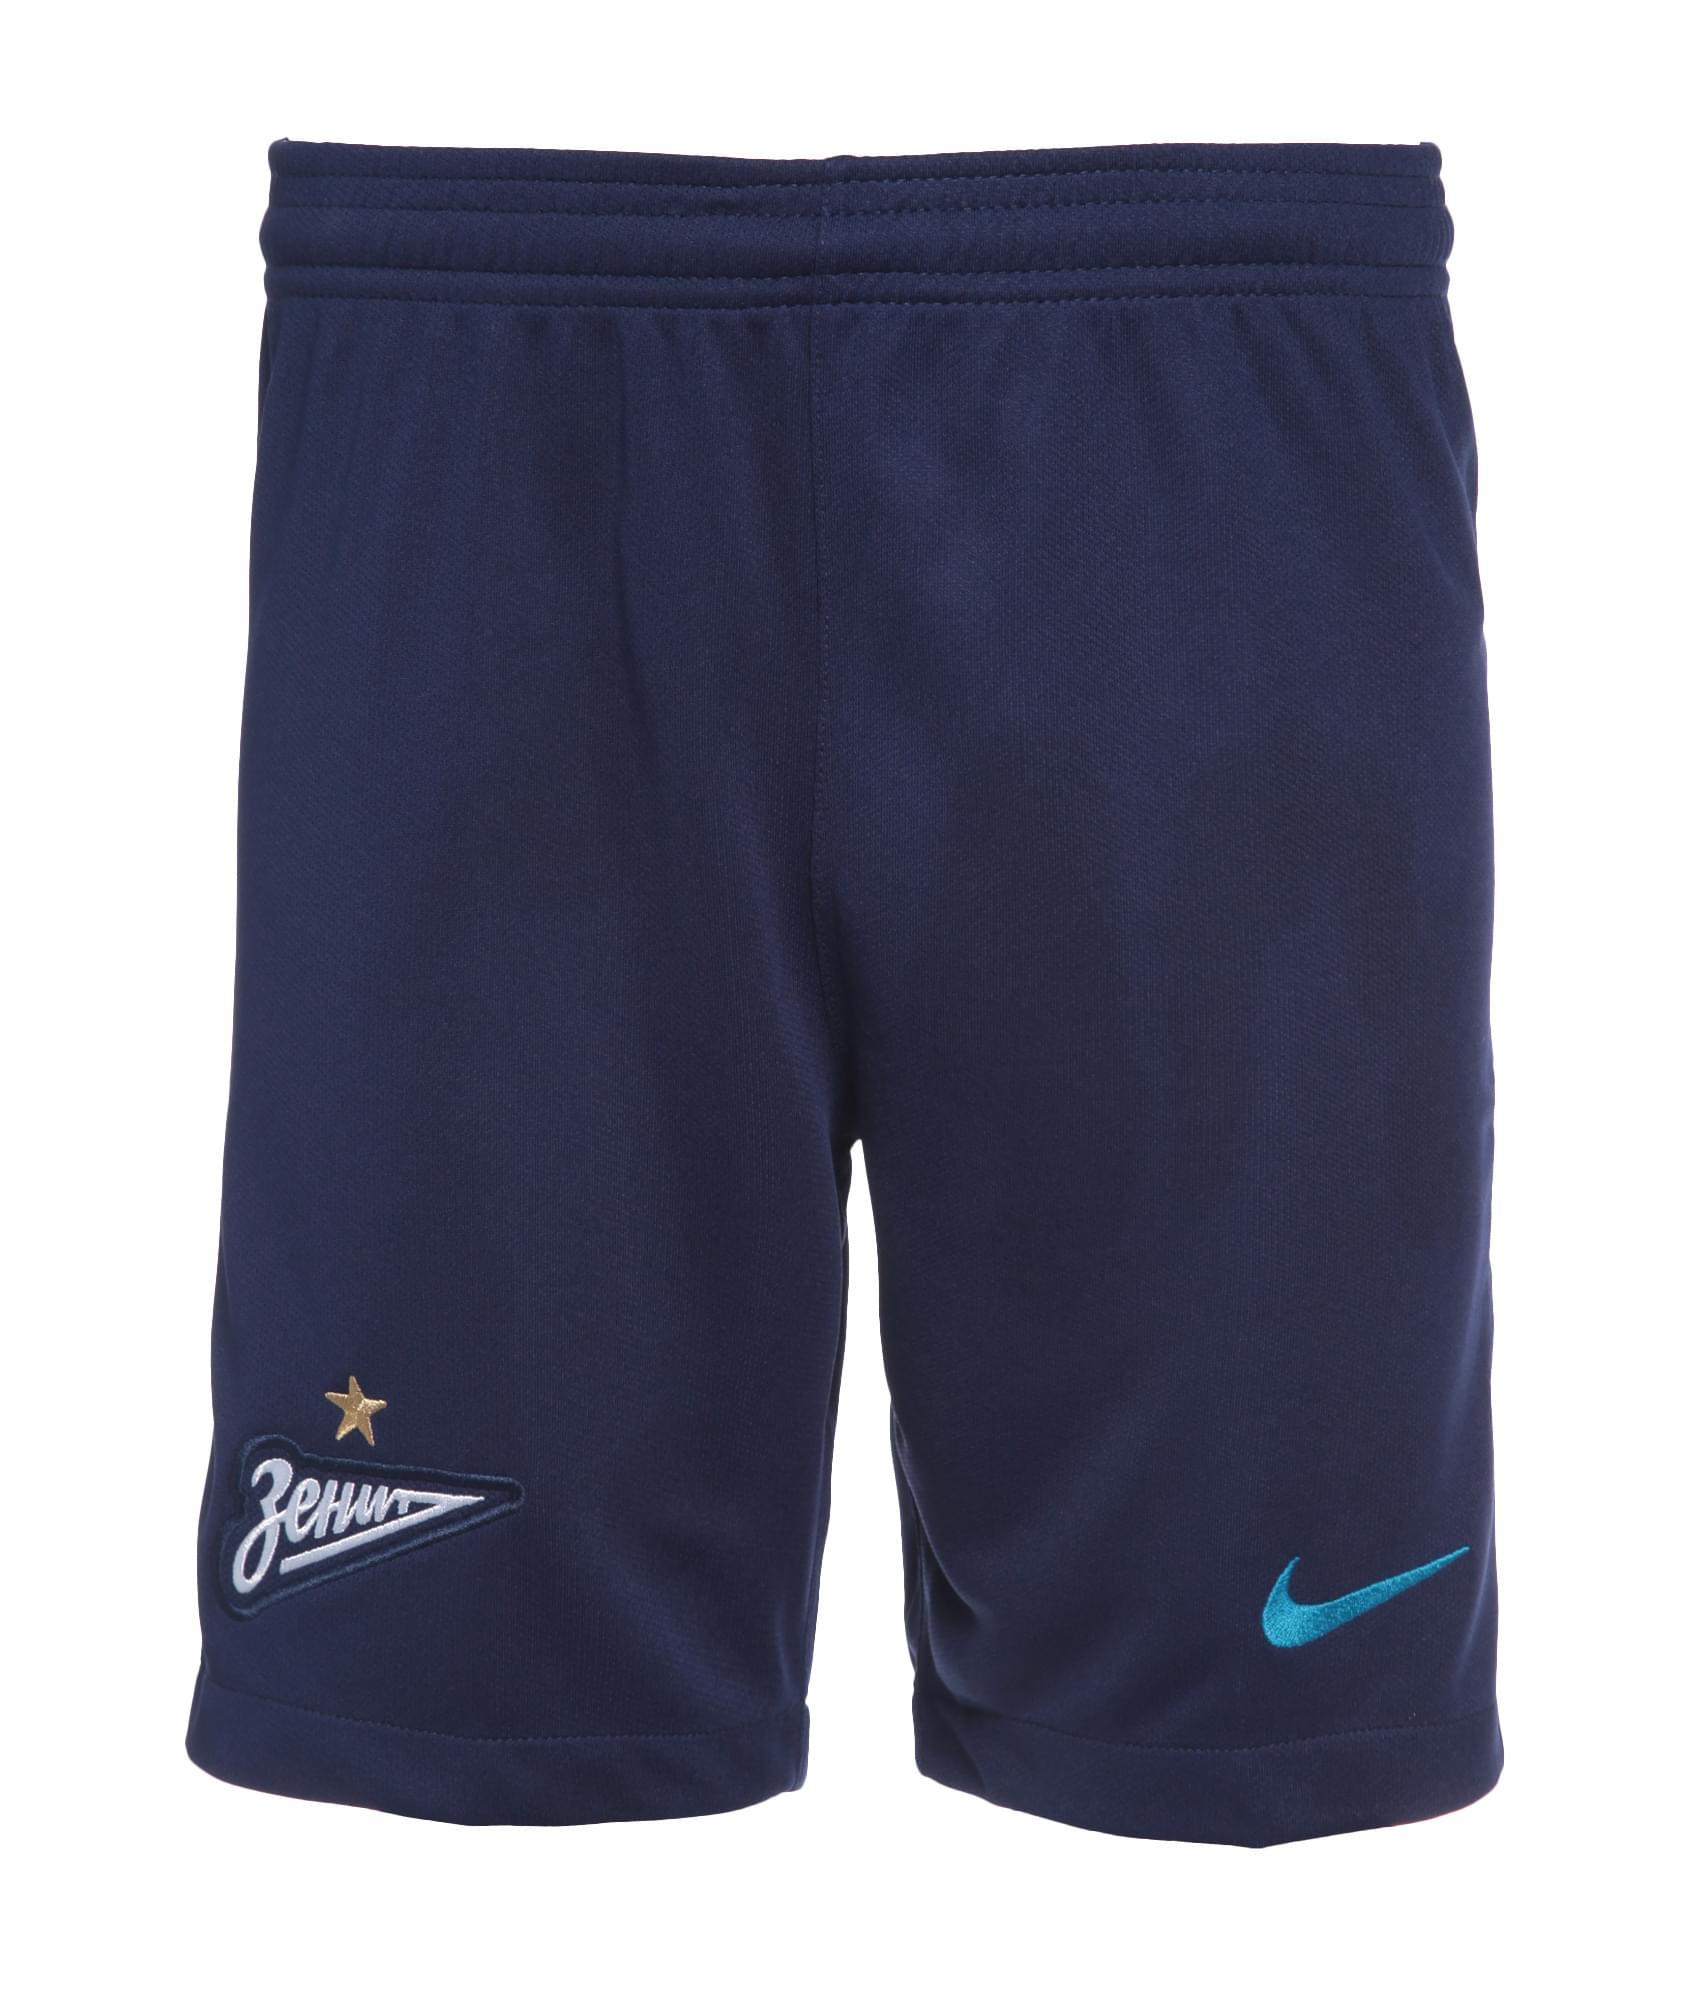 Подростковые домашние игровые Nike шорты сезона 2017/2018  Цвет-Темно-Синий